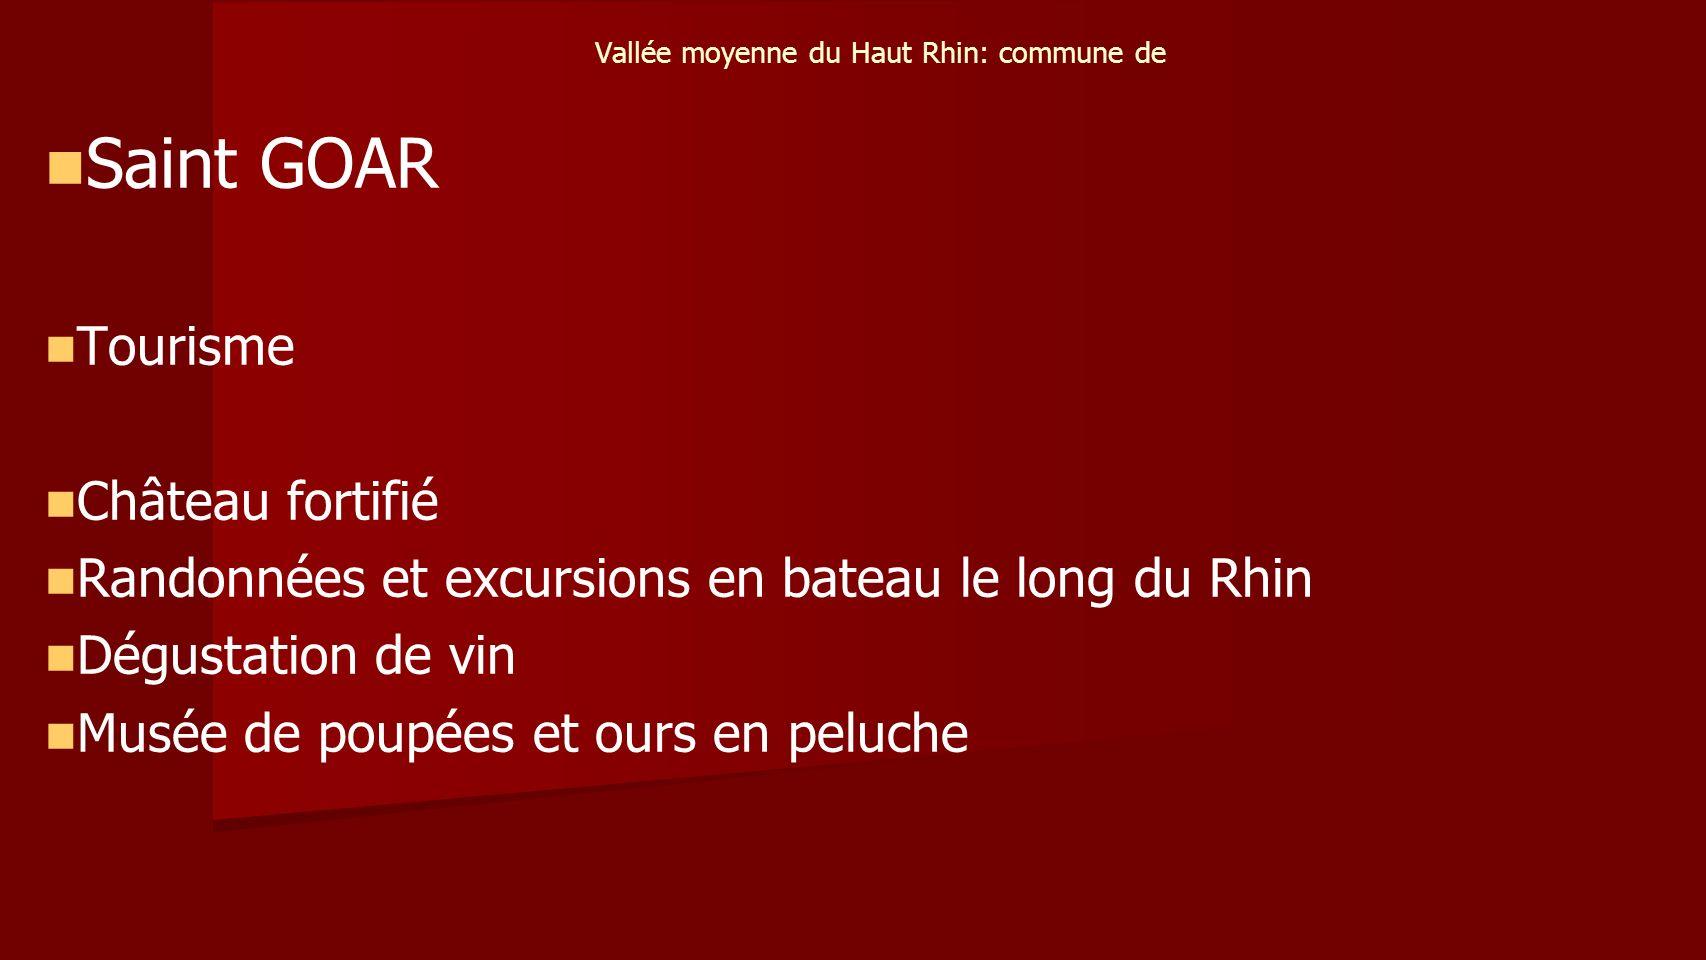 Vallée moyenne du Haut Rhin: commune de Saint GOAR Tourisme Château fortifié Randonnées et excursions en bateau le long du Rhin Dégustation de vin Musée de poupées et ours en peluche